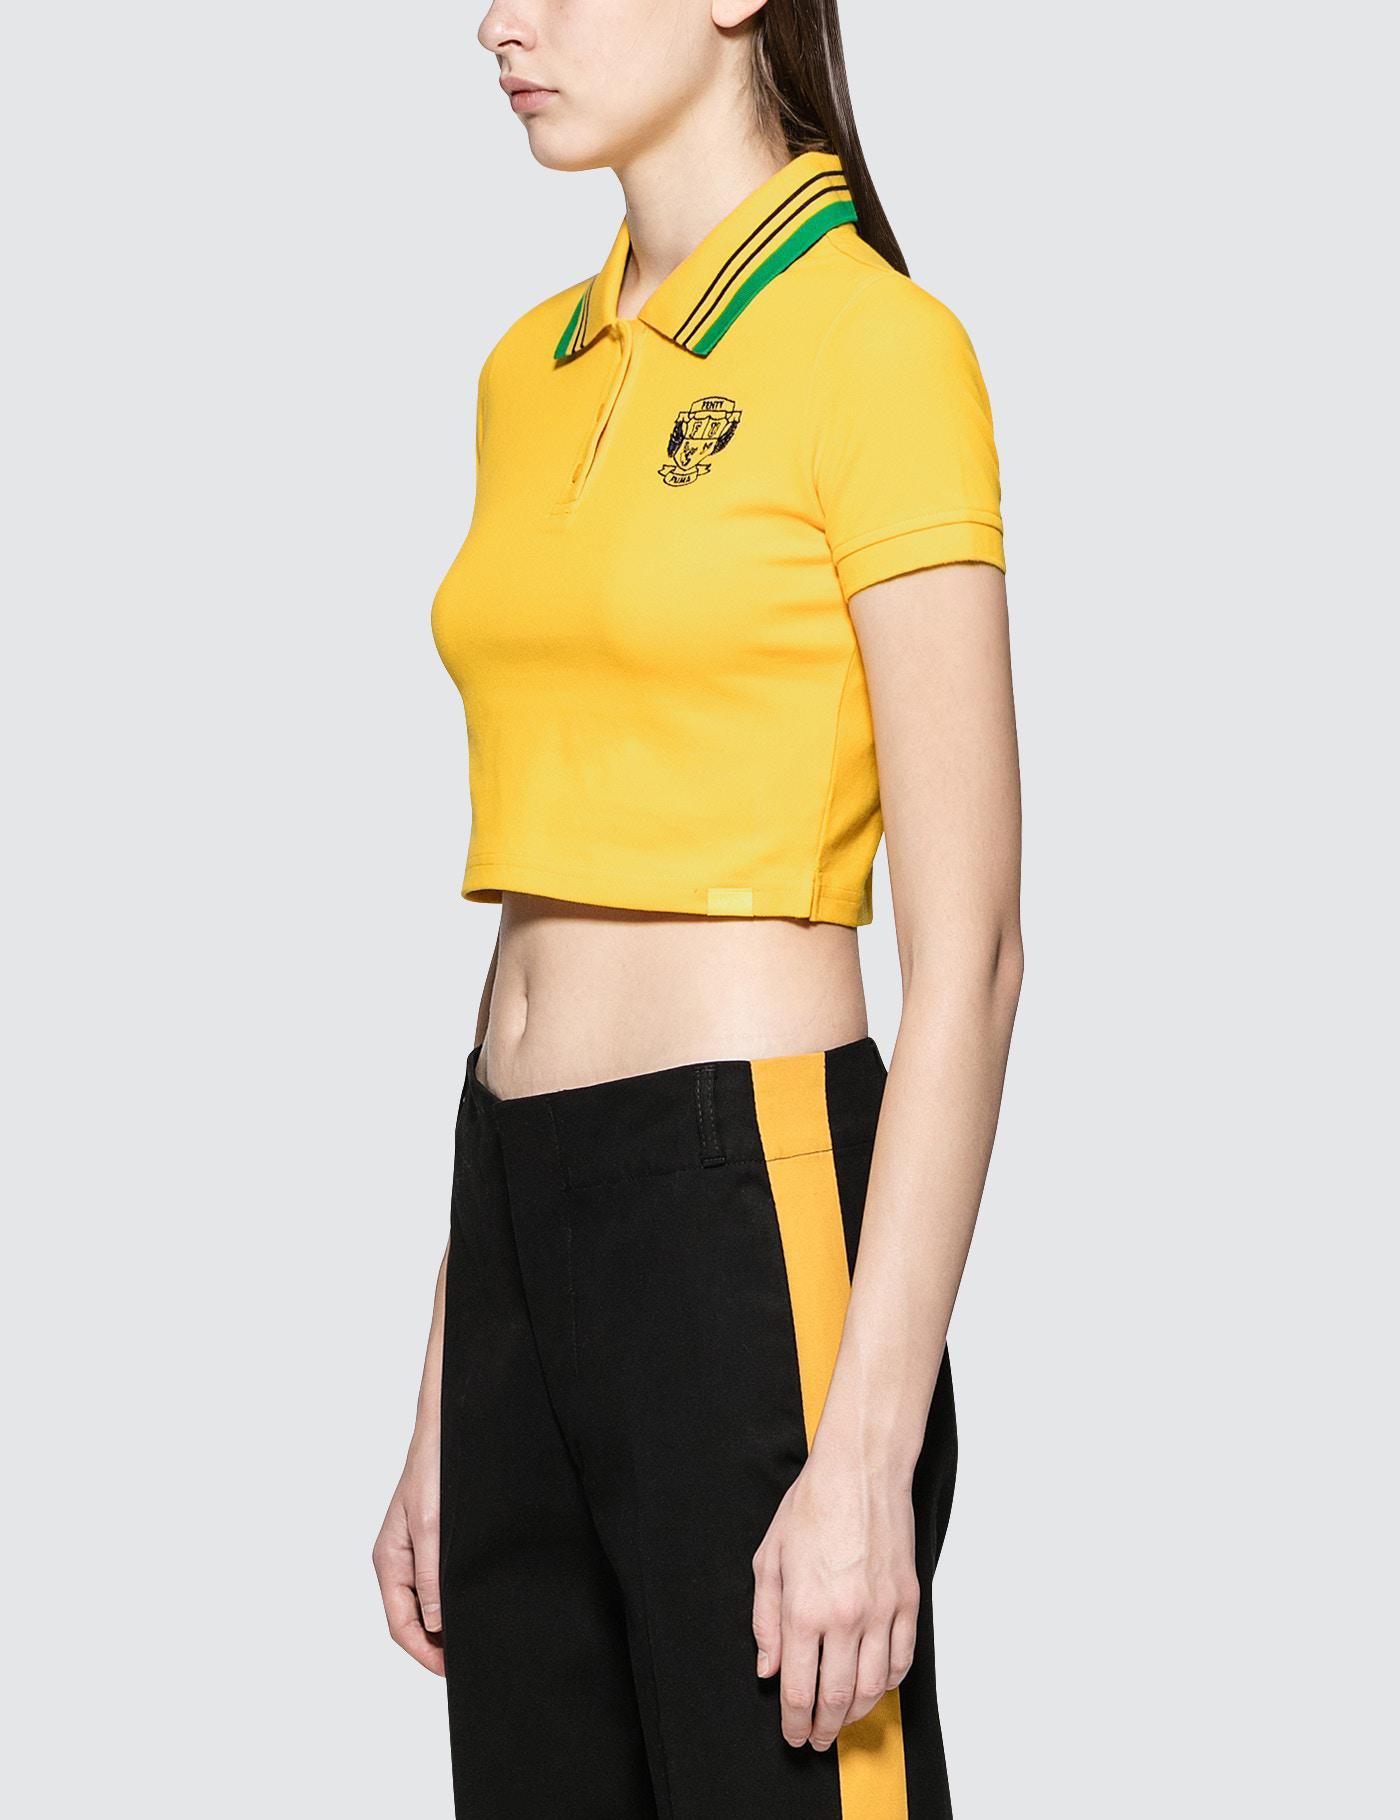 e8812f24 PUMA Fenty By Rihanna Cropped Polo in Yellow - Lyst